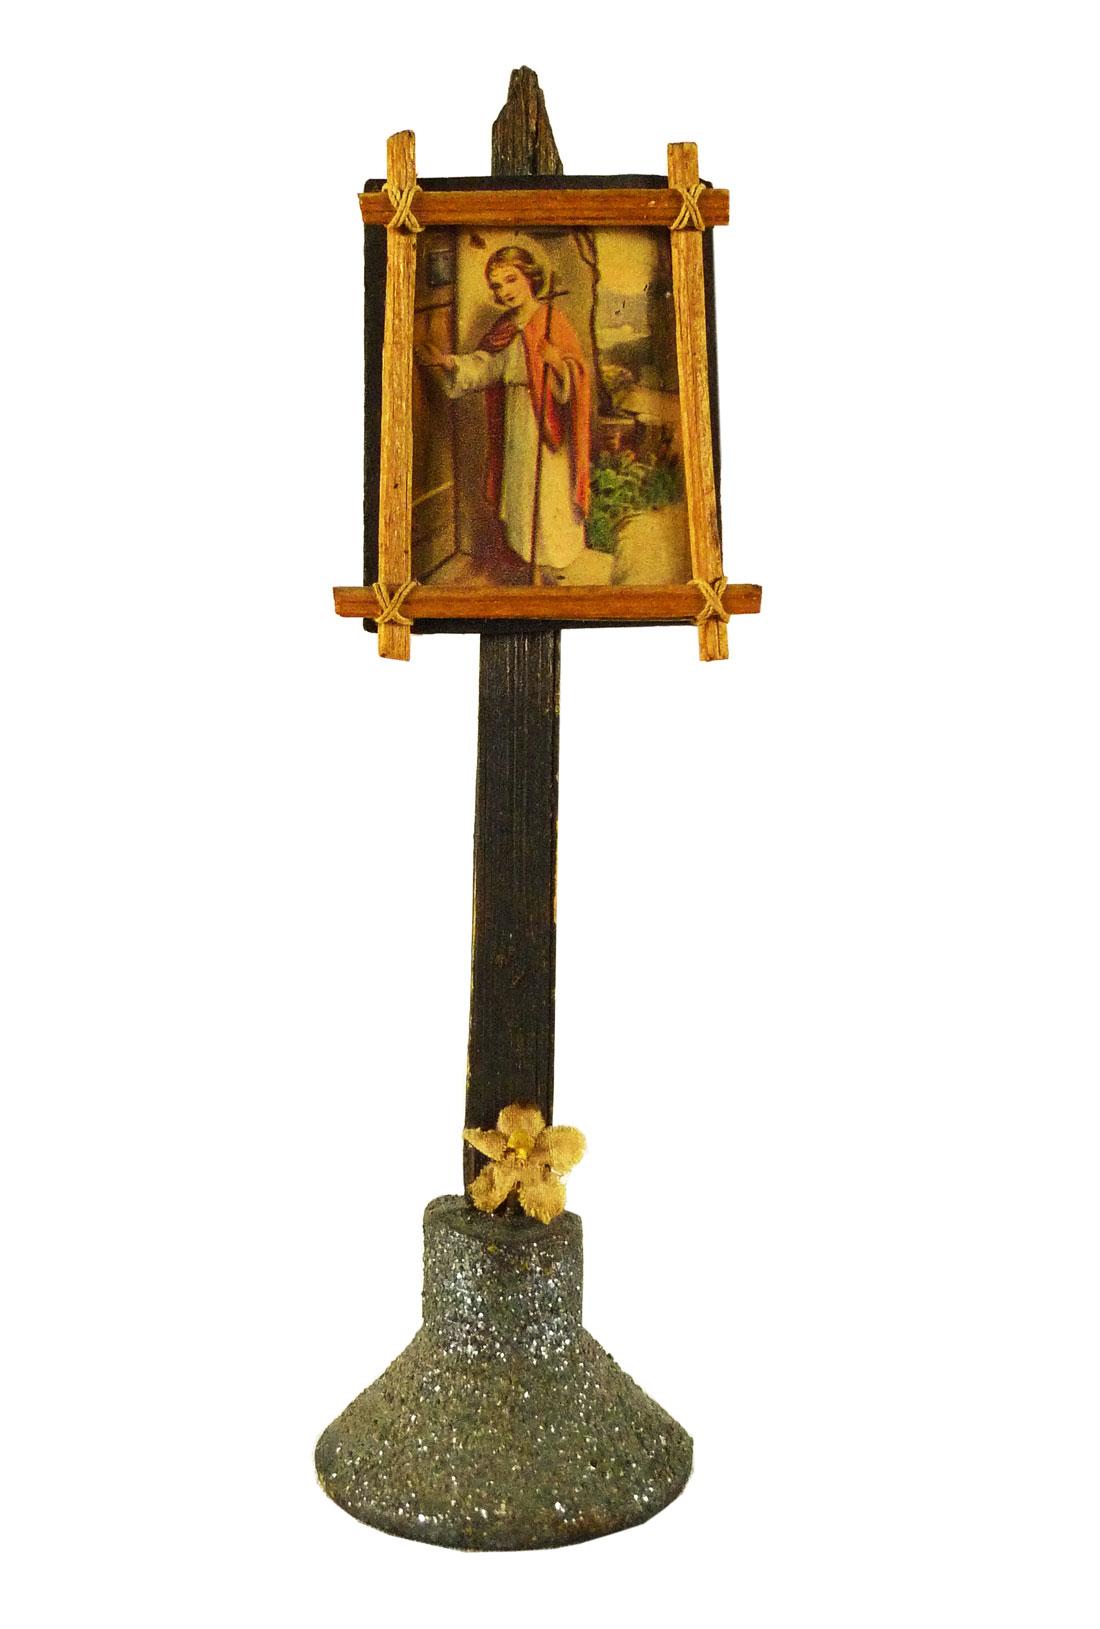 Handgemachtes Objekt mit Jesus-Motiv